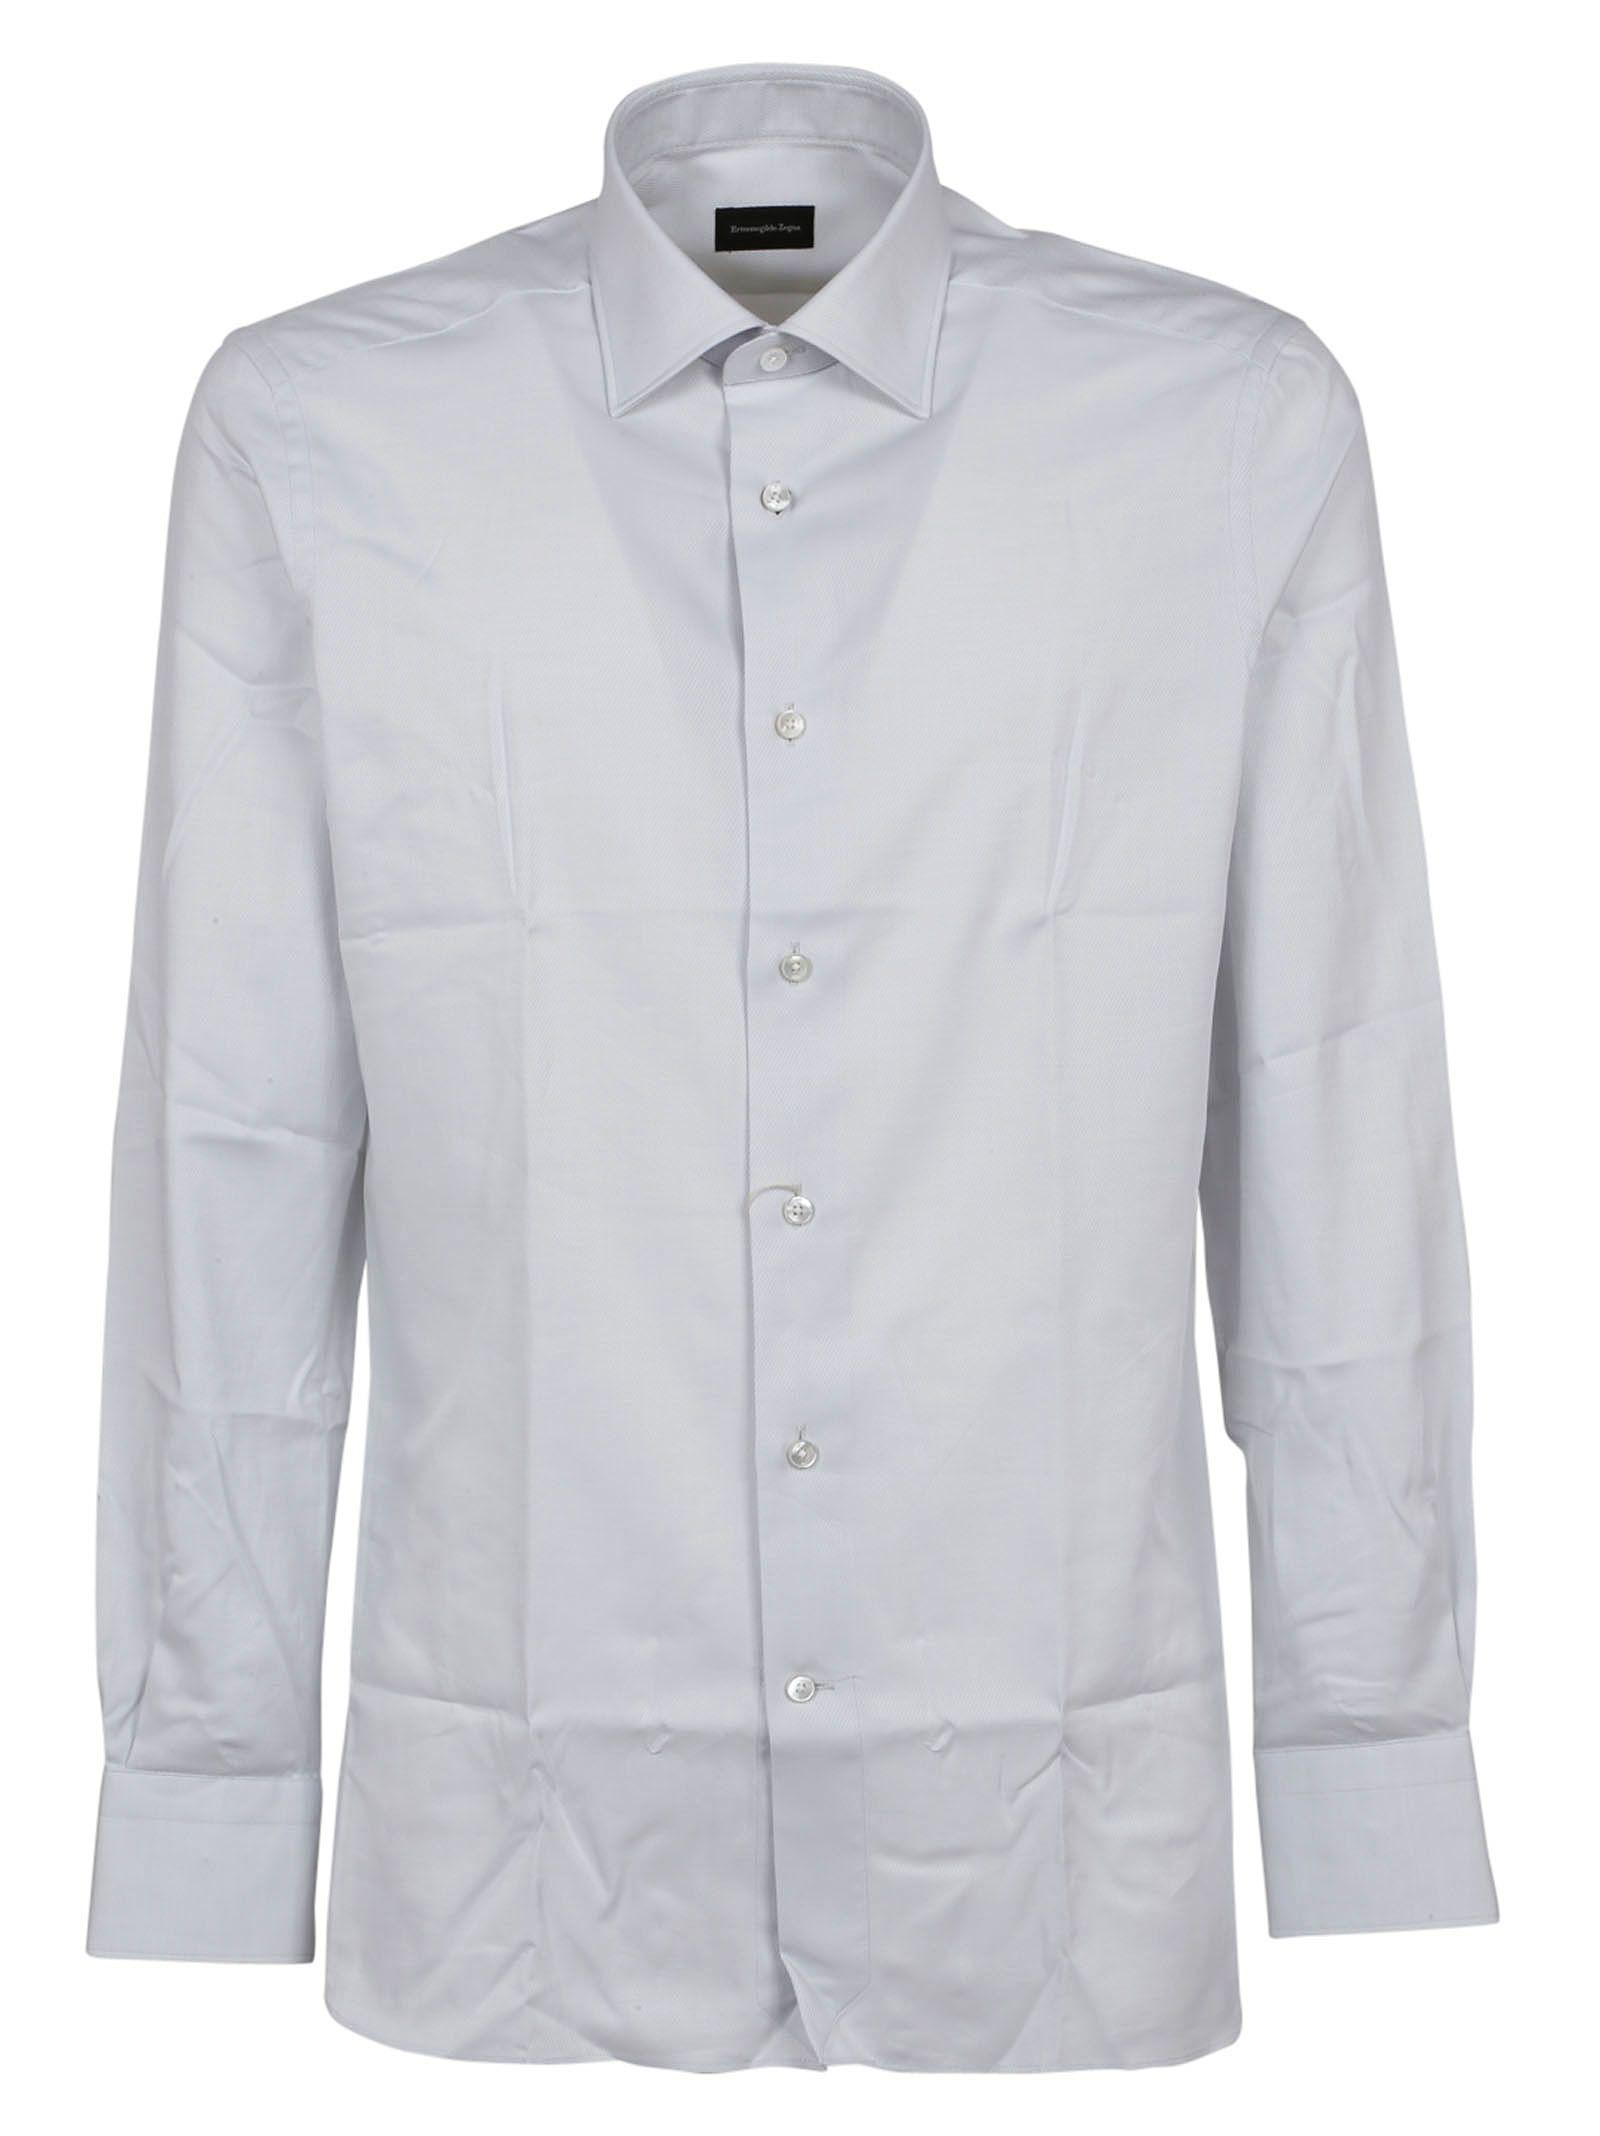 ermenegildo zegna ermenegildo zegna classic shirt white men 39 s shirts italist. Black Bedroom Furniture Sets. Home Design Ideas